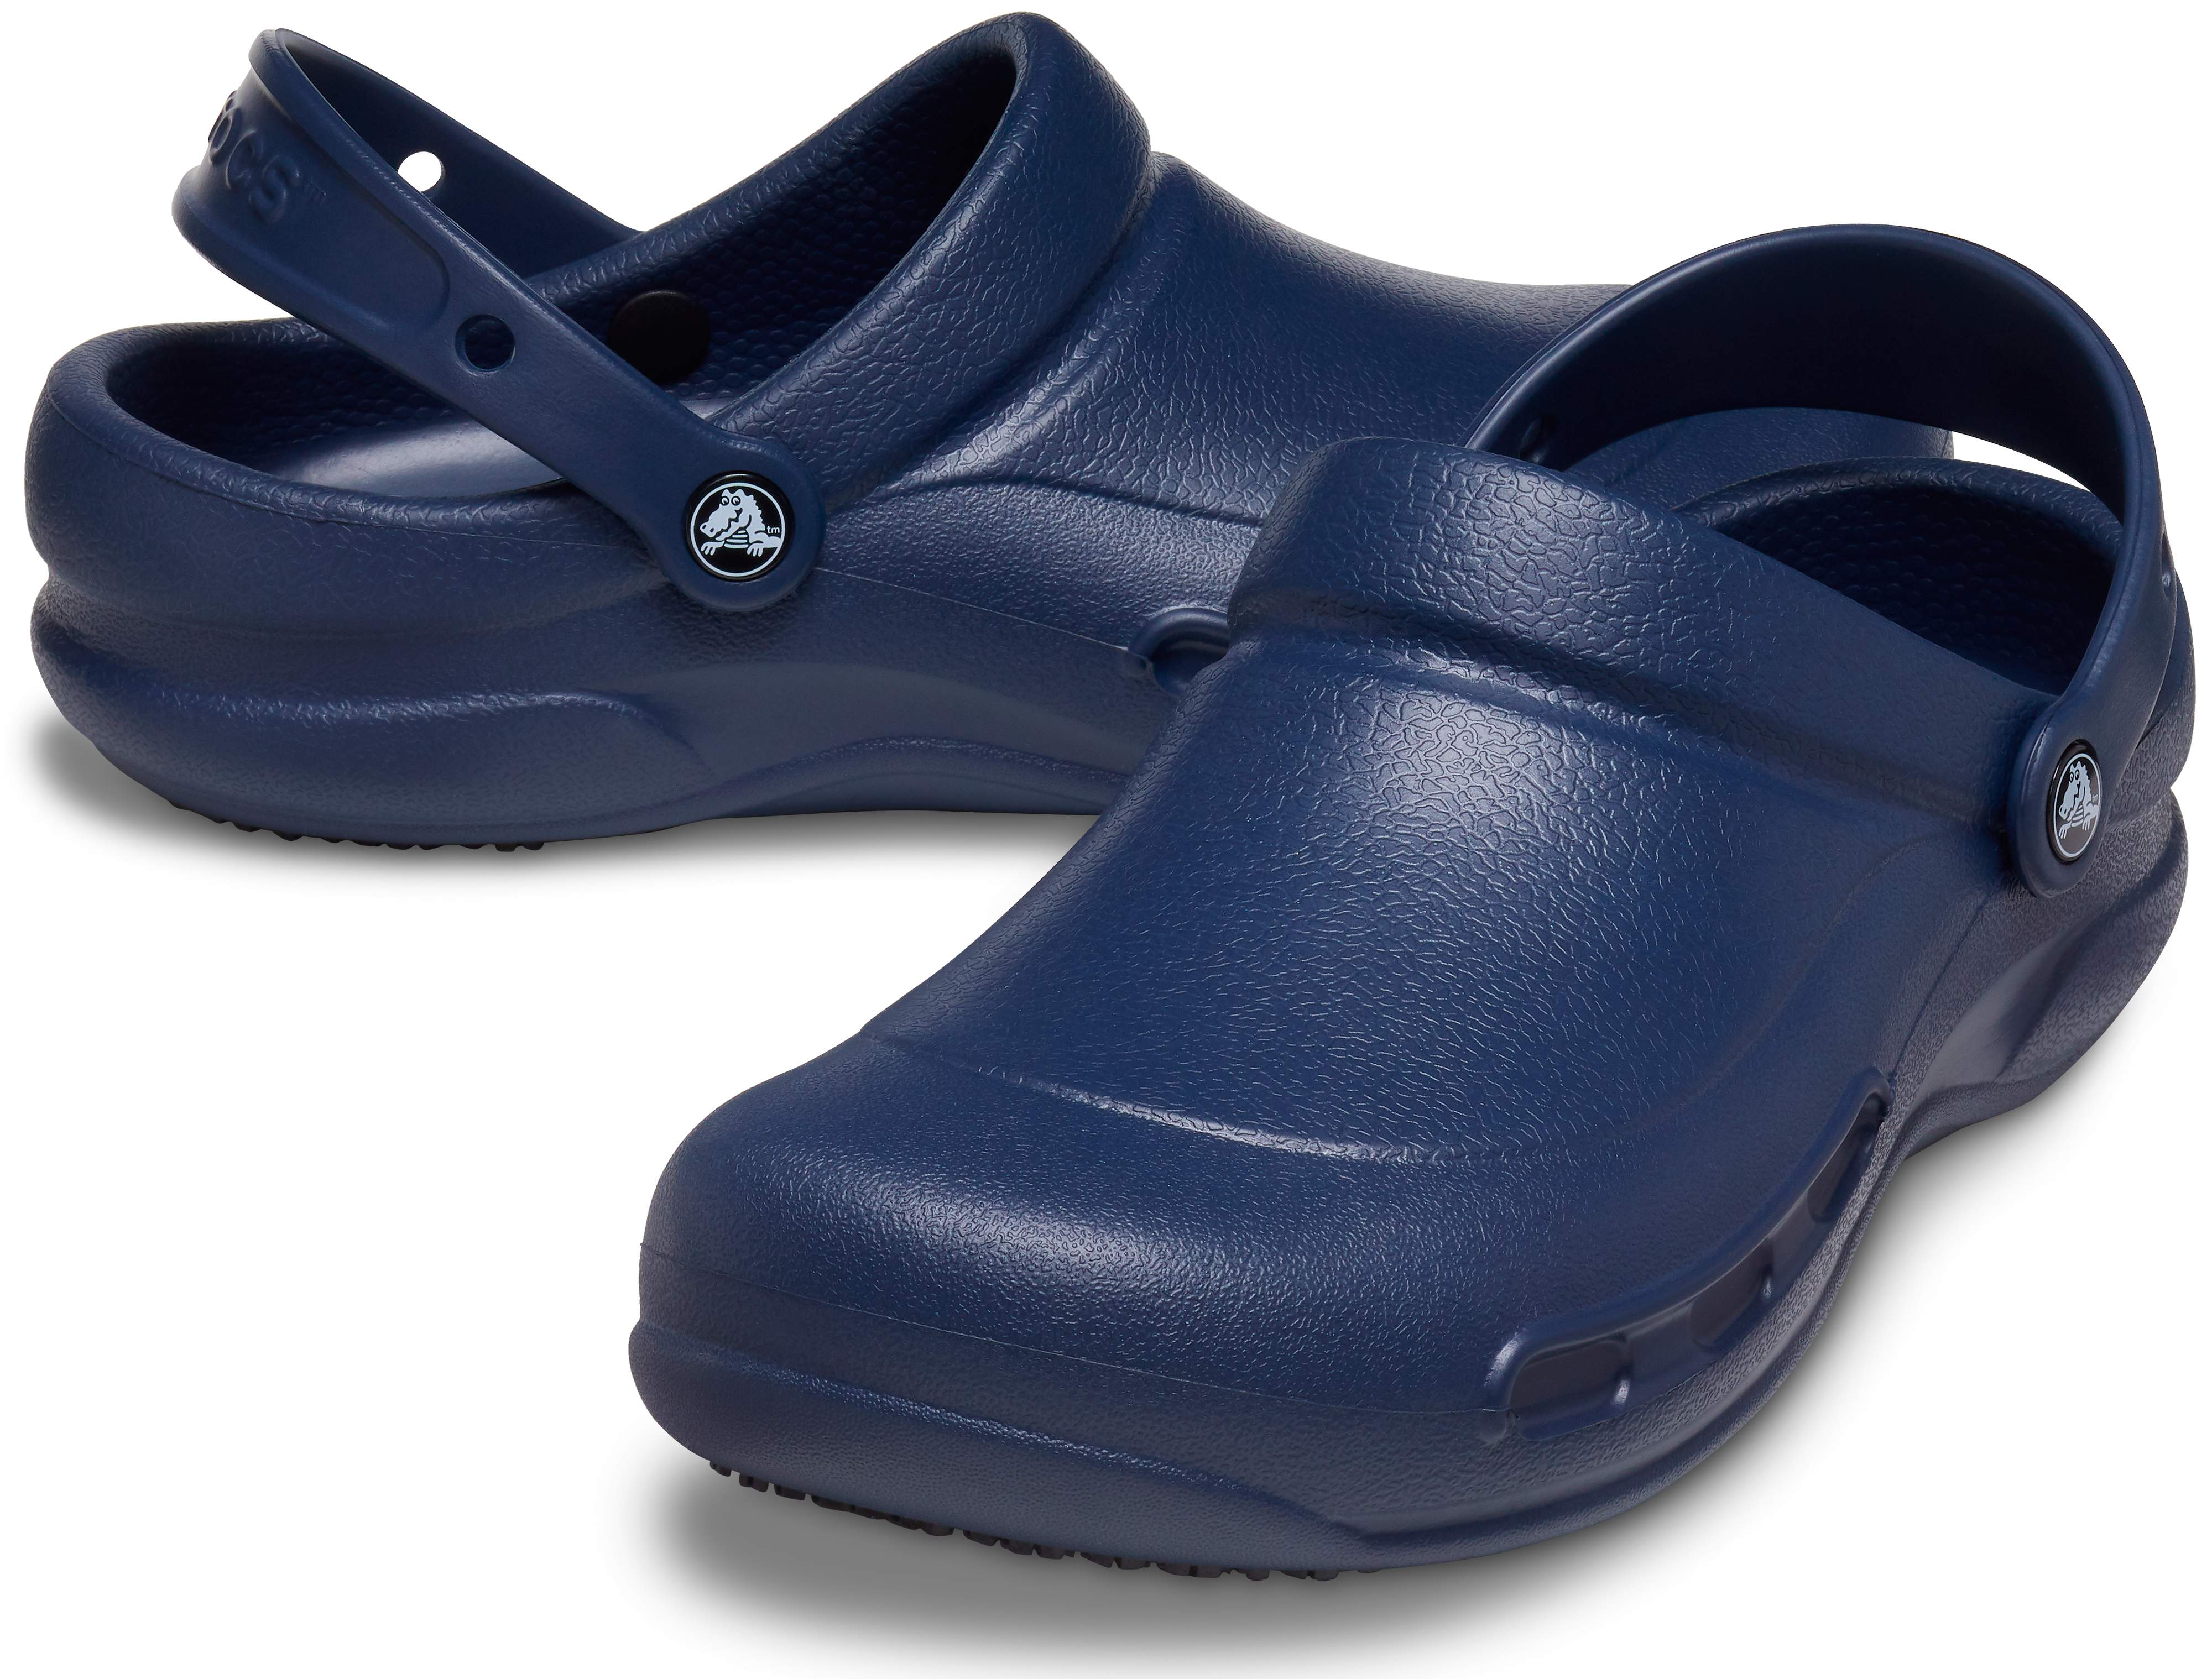 【クロックス公式】 ビストロ クロッグ Bistro Clog ユニセックス、メンズ、レディース、男女兼用 ブルー/青 22cm,23cm,24cm,25cm,26cm,27cm,28cm,29cm,30cm,31cm clog クロッグ サンダル